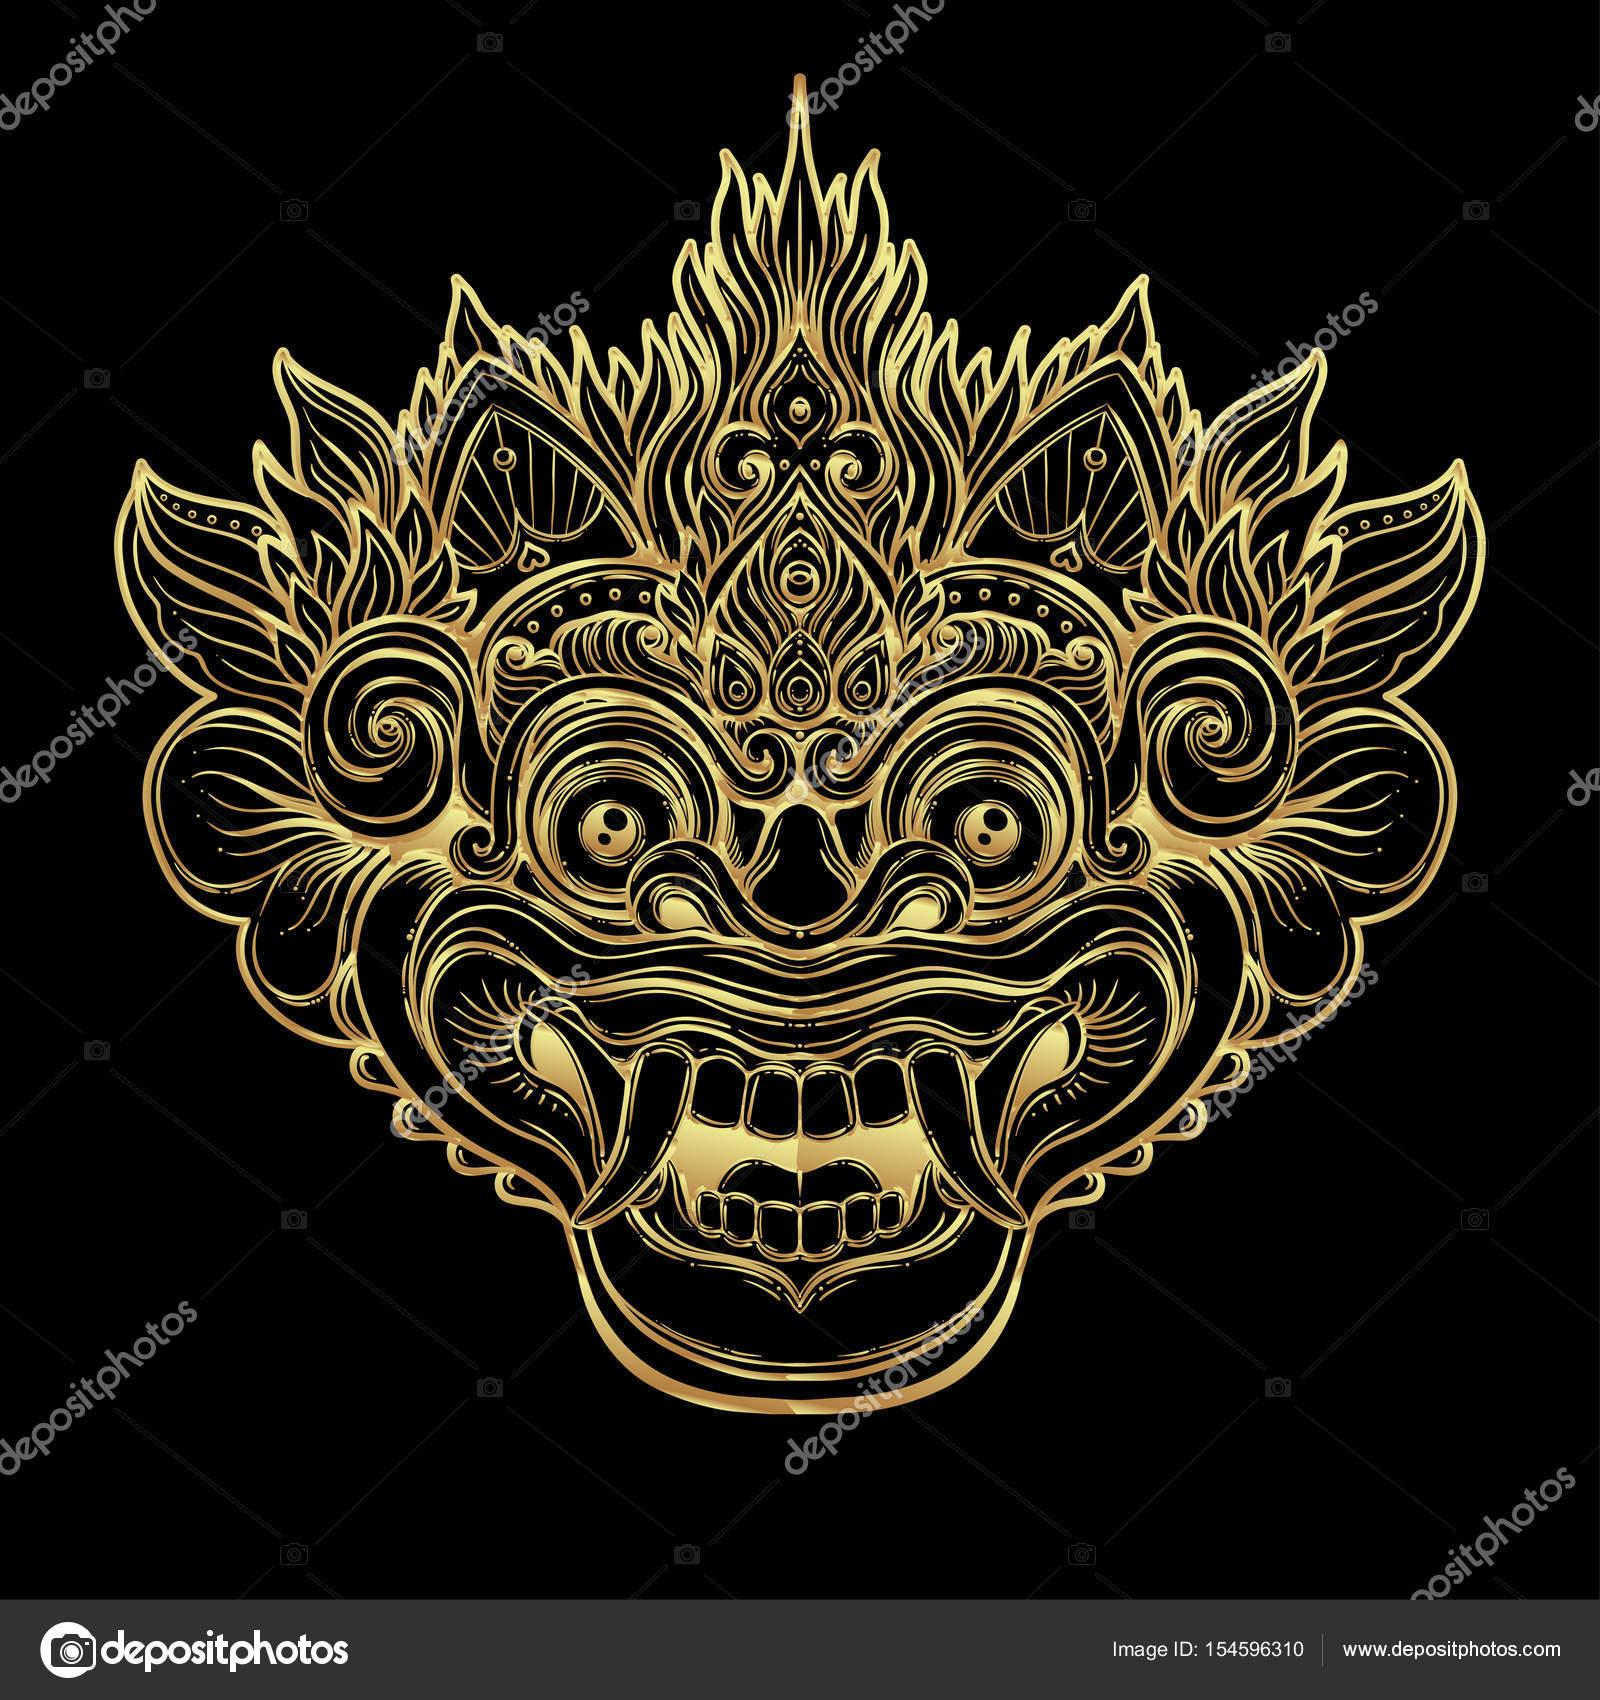 ᐈ barong bali mask stock vectors royalty free balinese mask illustrations download on depositphotos https depositphotos com 154596310 stock illustration barong traditional ritual balinese mask html